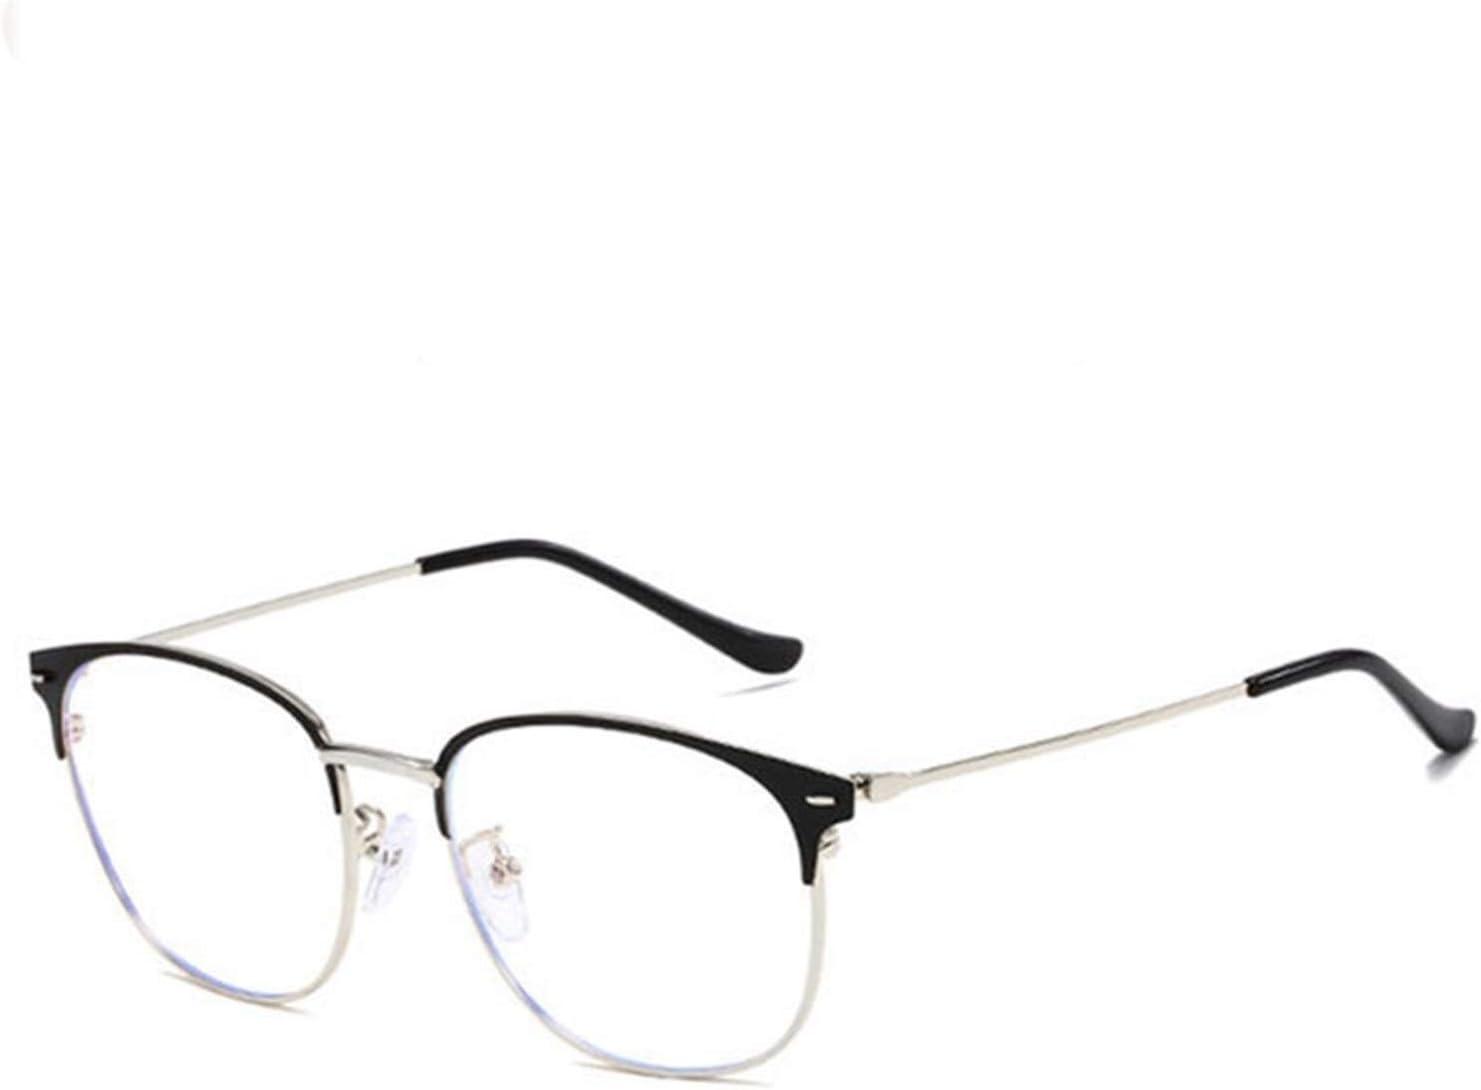 Lucha contra el azul claro de cristal de los hombres de lectura Gafas de protección Gafas ordenador del juego de los vidrios por 210103 (Frame Color : 5)